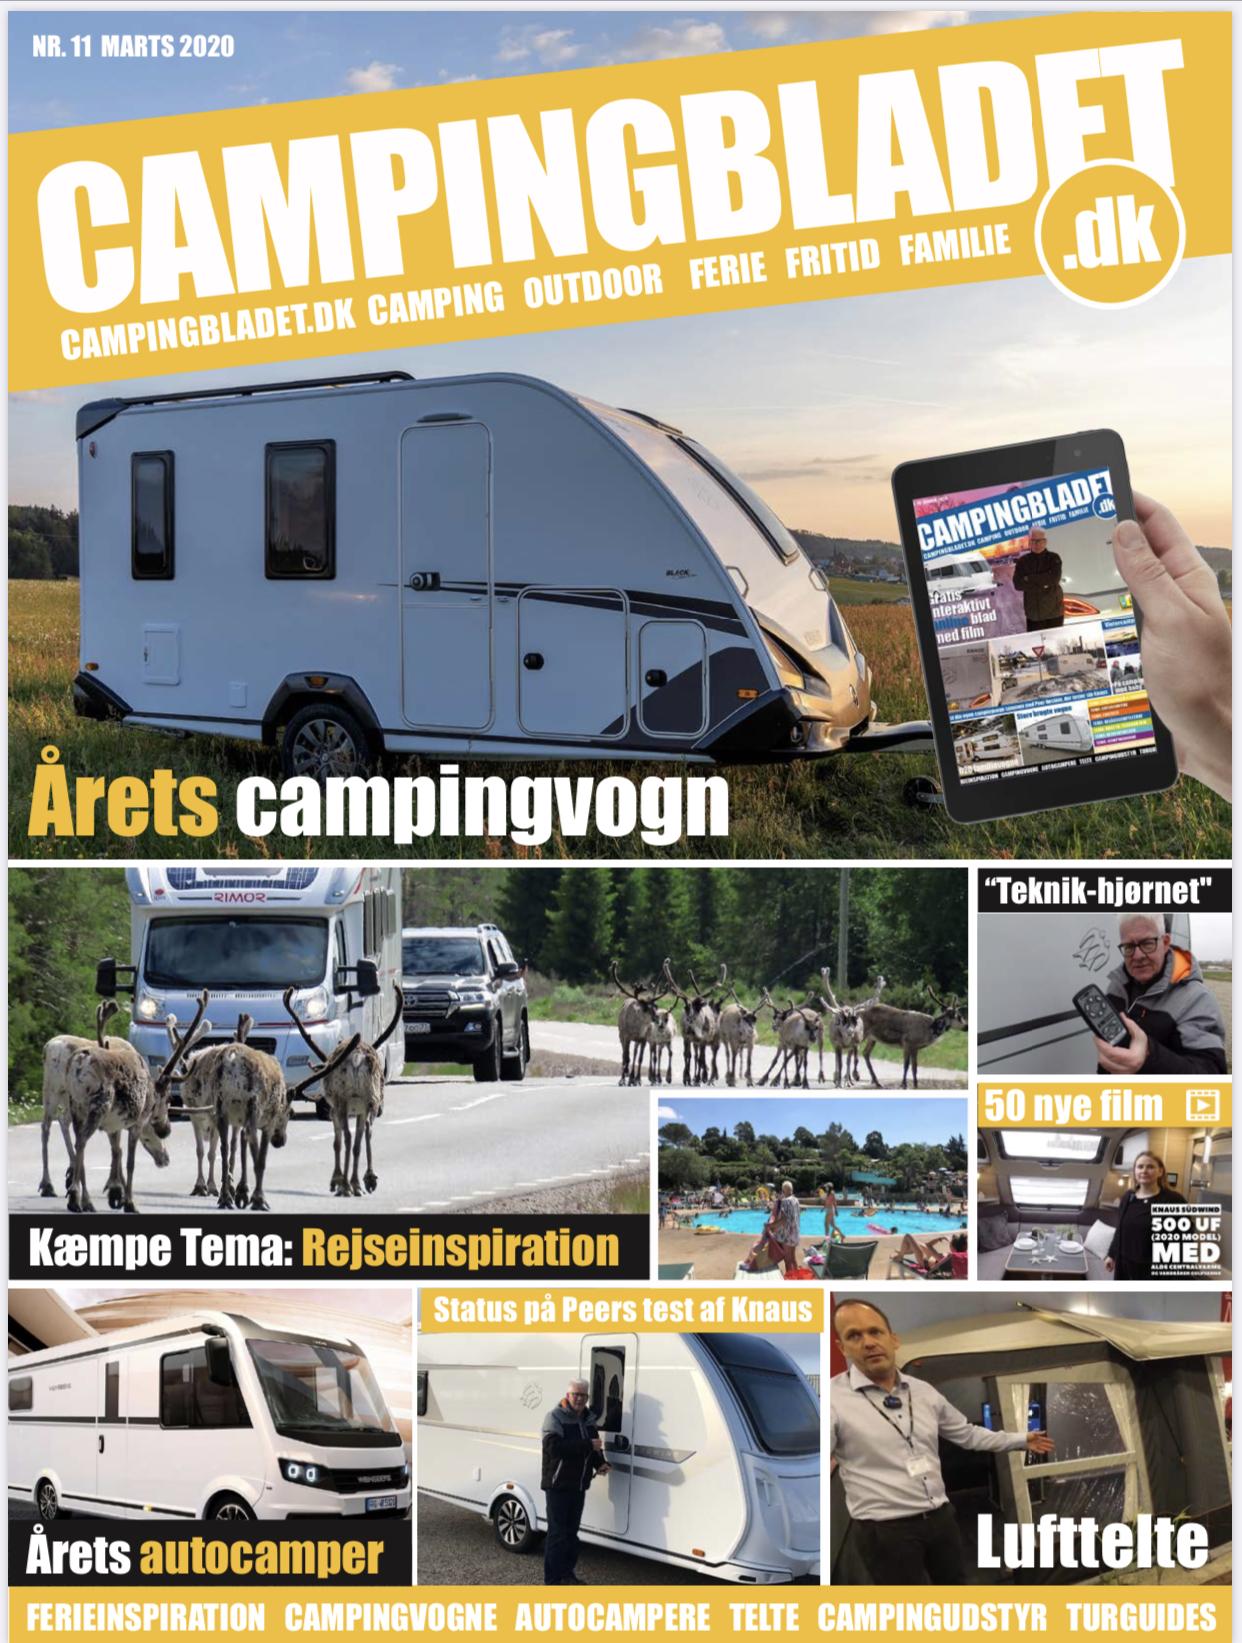 Så er Campingbladet.dk udkommet - Læs det her (Reklame)